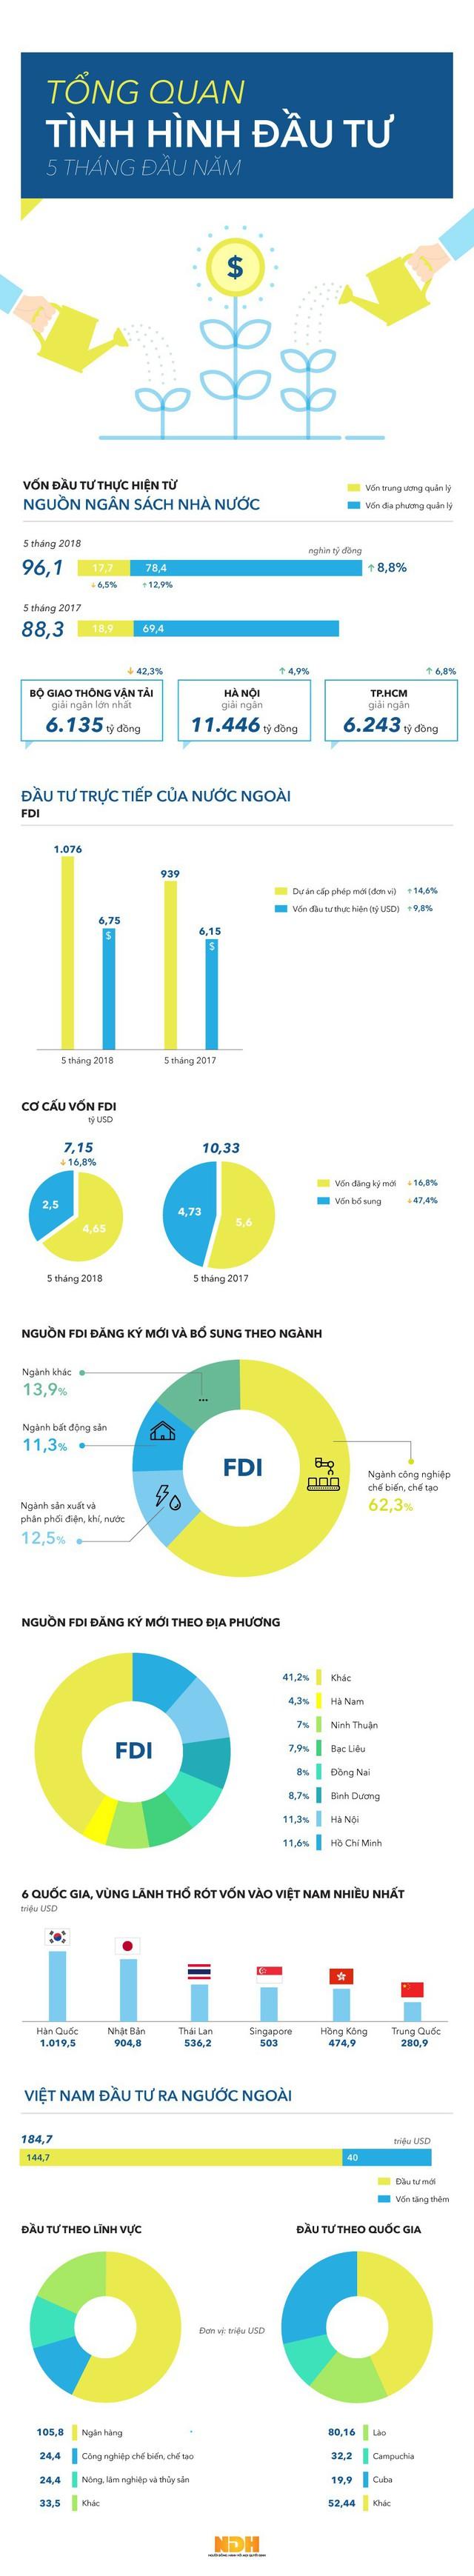 [Infographic] Toàn cảnh về đầu tư và thu hút vốn FDI trong 5 tháng đầu năm - Ảnh 1.